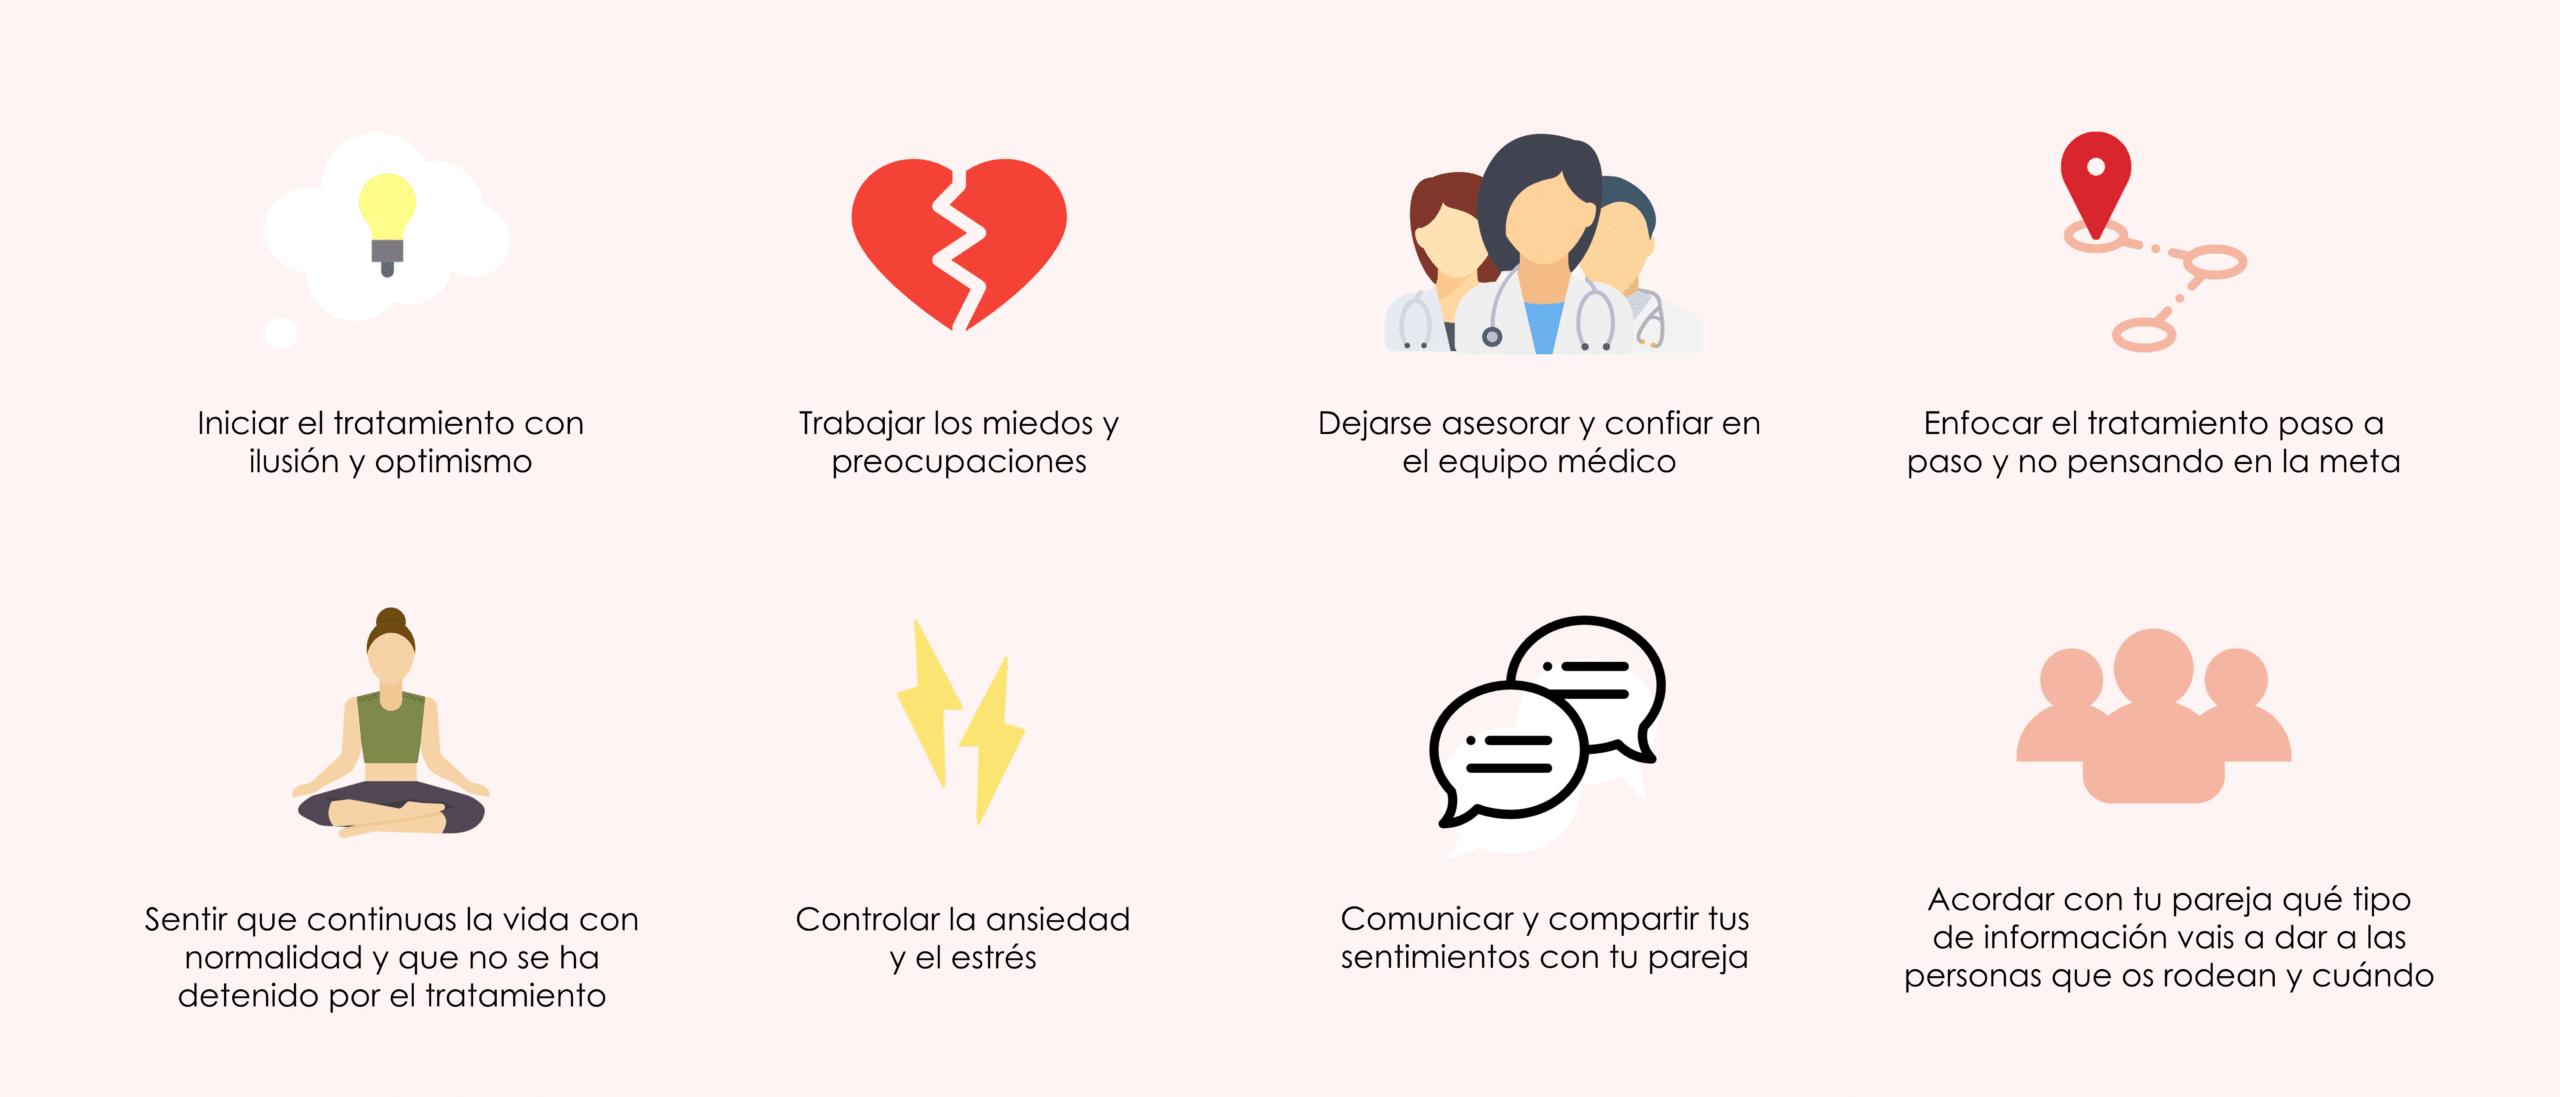 Consejos para que el estado de ánimo no se vea afectado durante el tratamiento de reproducción